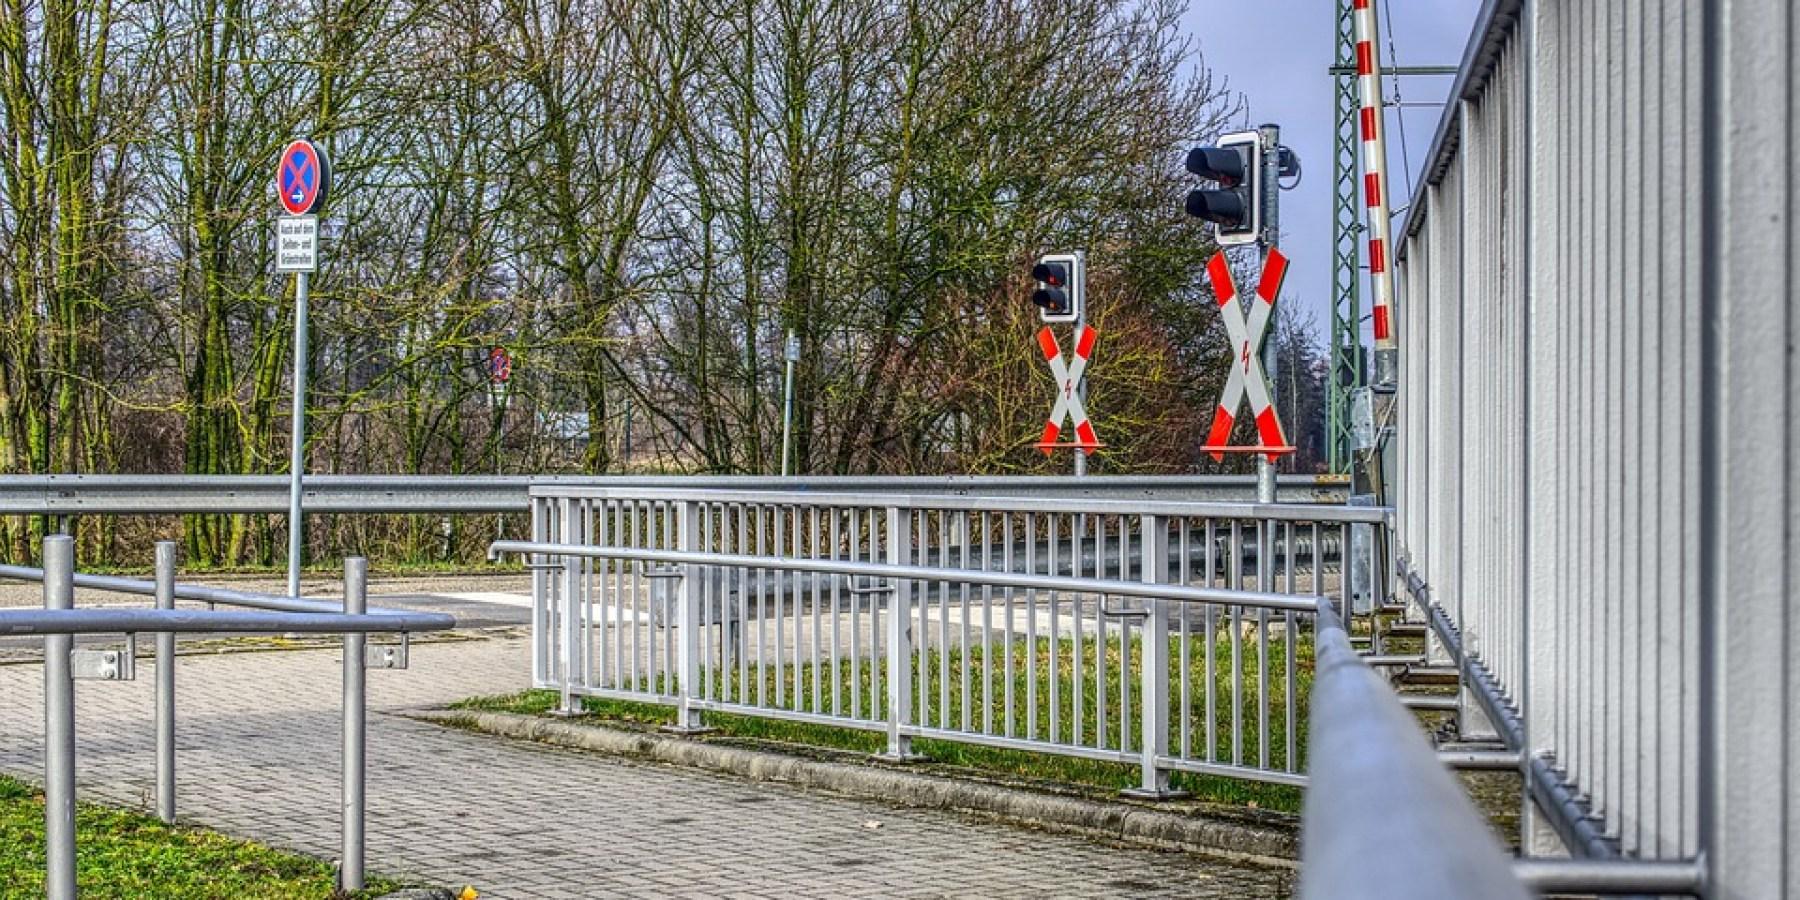 Bahnübergänge Holtmannsweg und Coermühle am Wochenende gesperrt